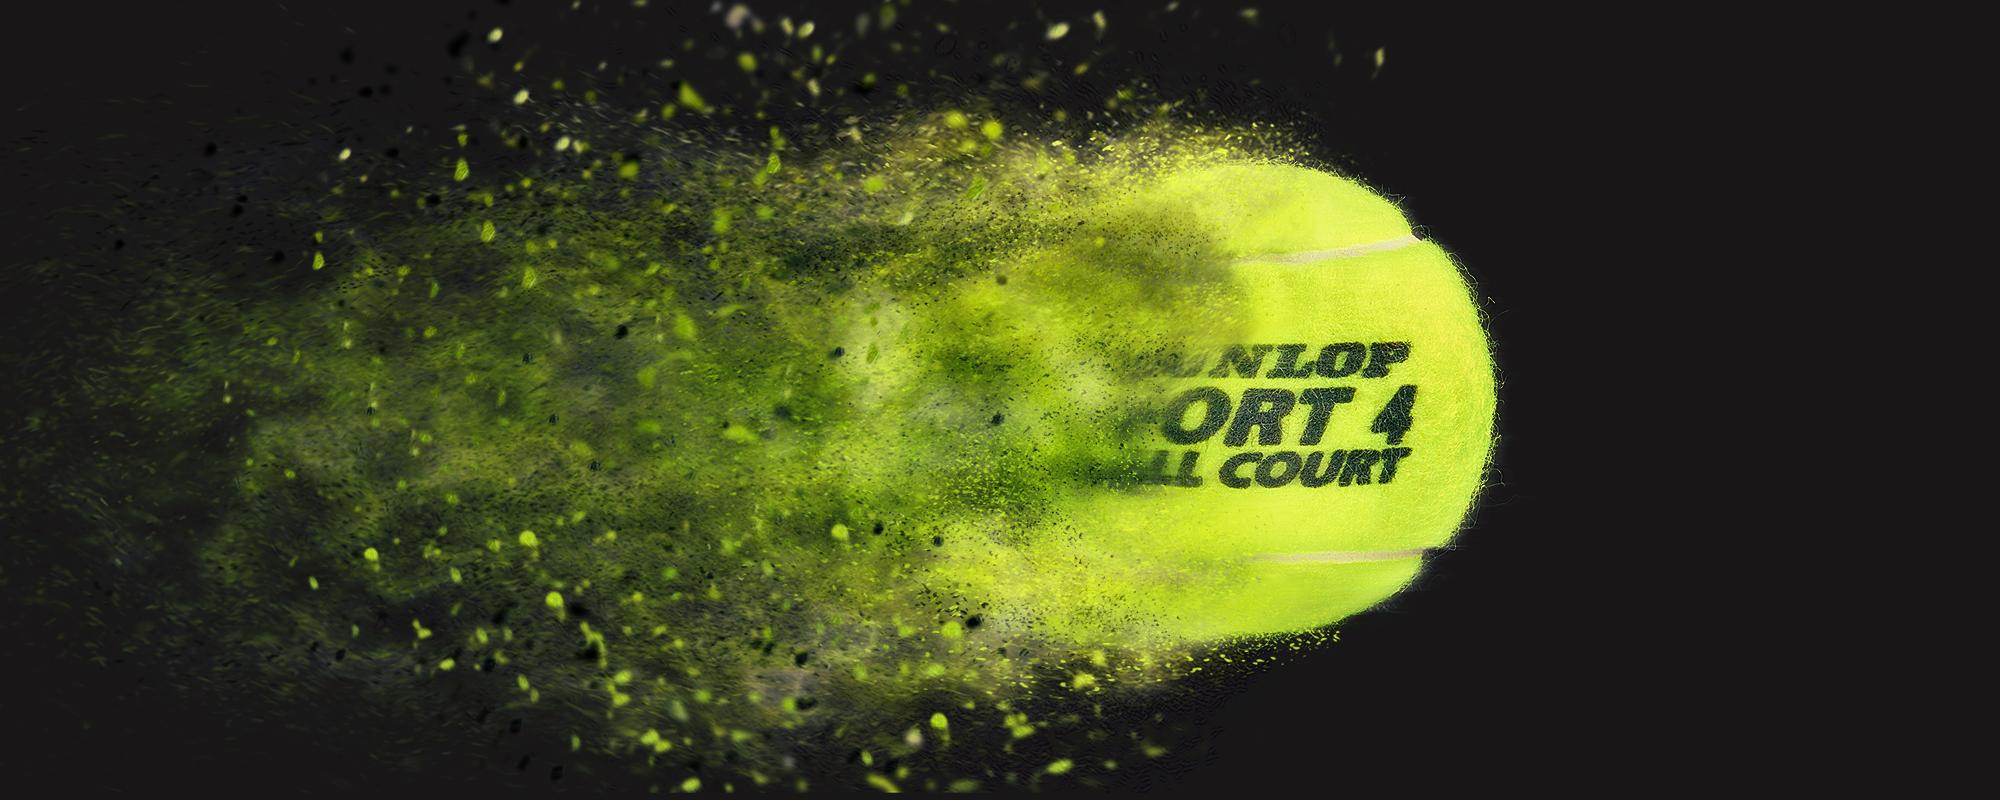 DUNLOP TENNIS BALL.jpg